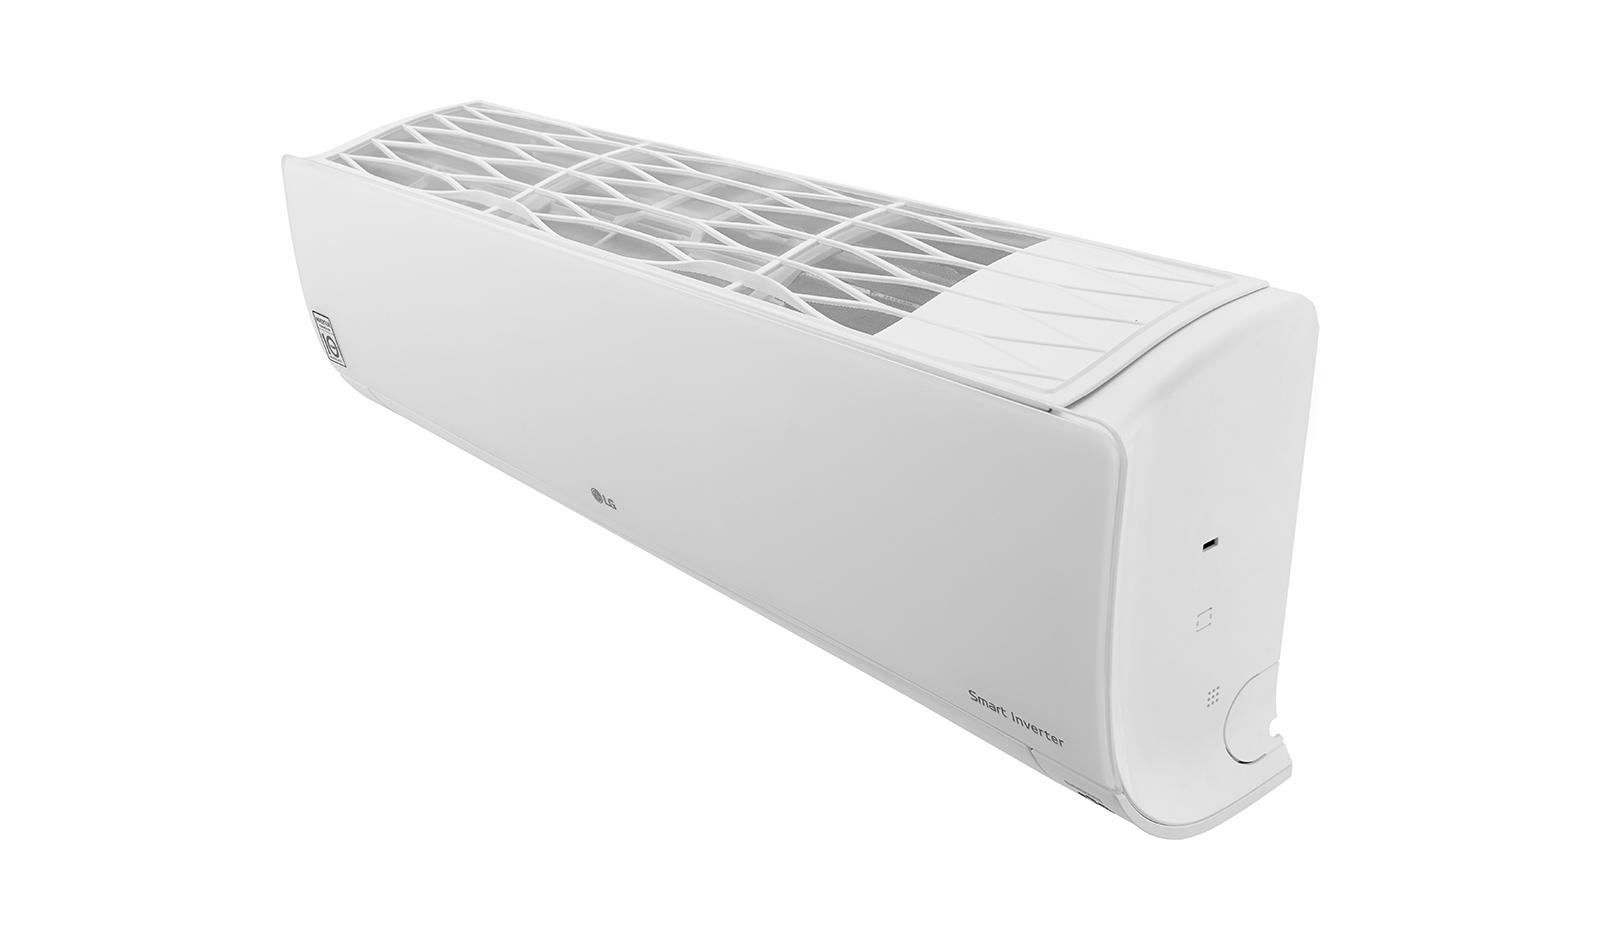 LG Deluxe Klimaanlage 013